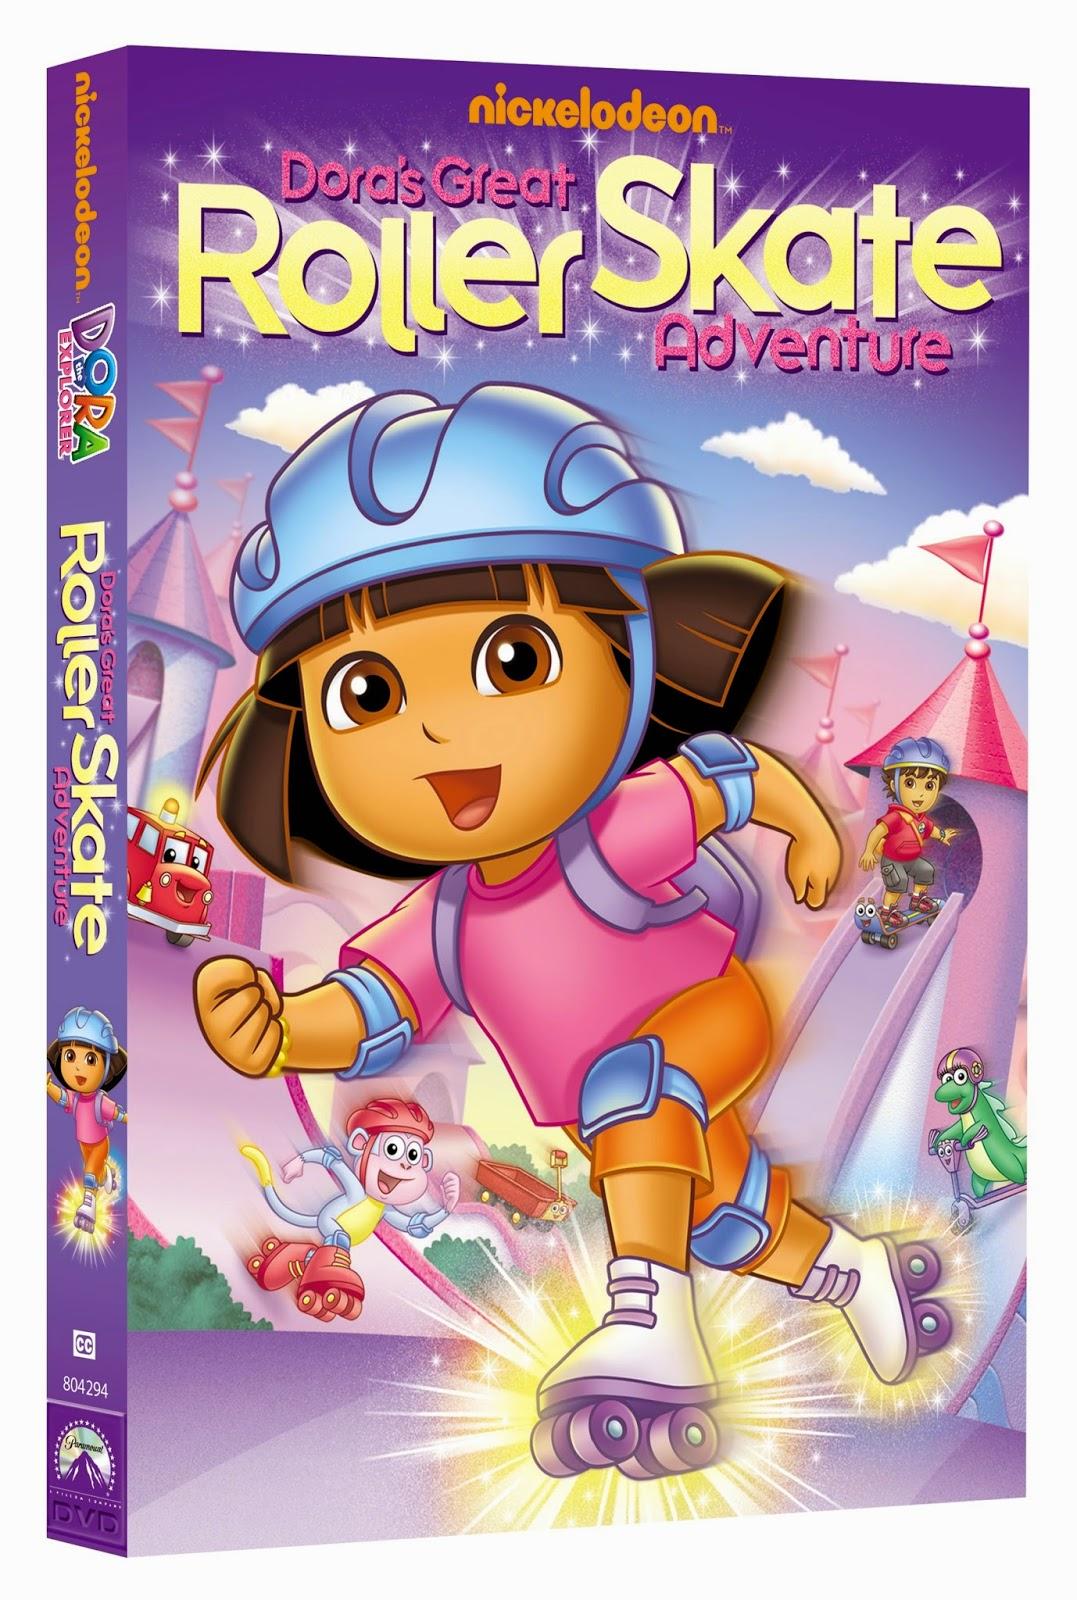 Dora e a Grande Aventura de Patins DVDRip Dublado Dora RollerSkate DVD 3D Oslv